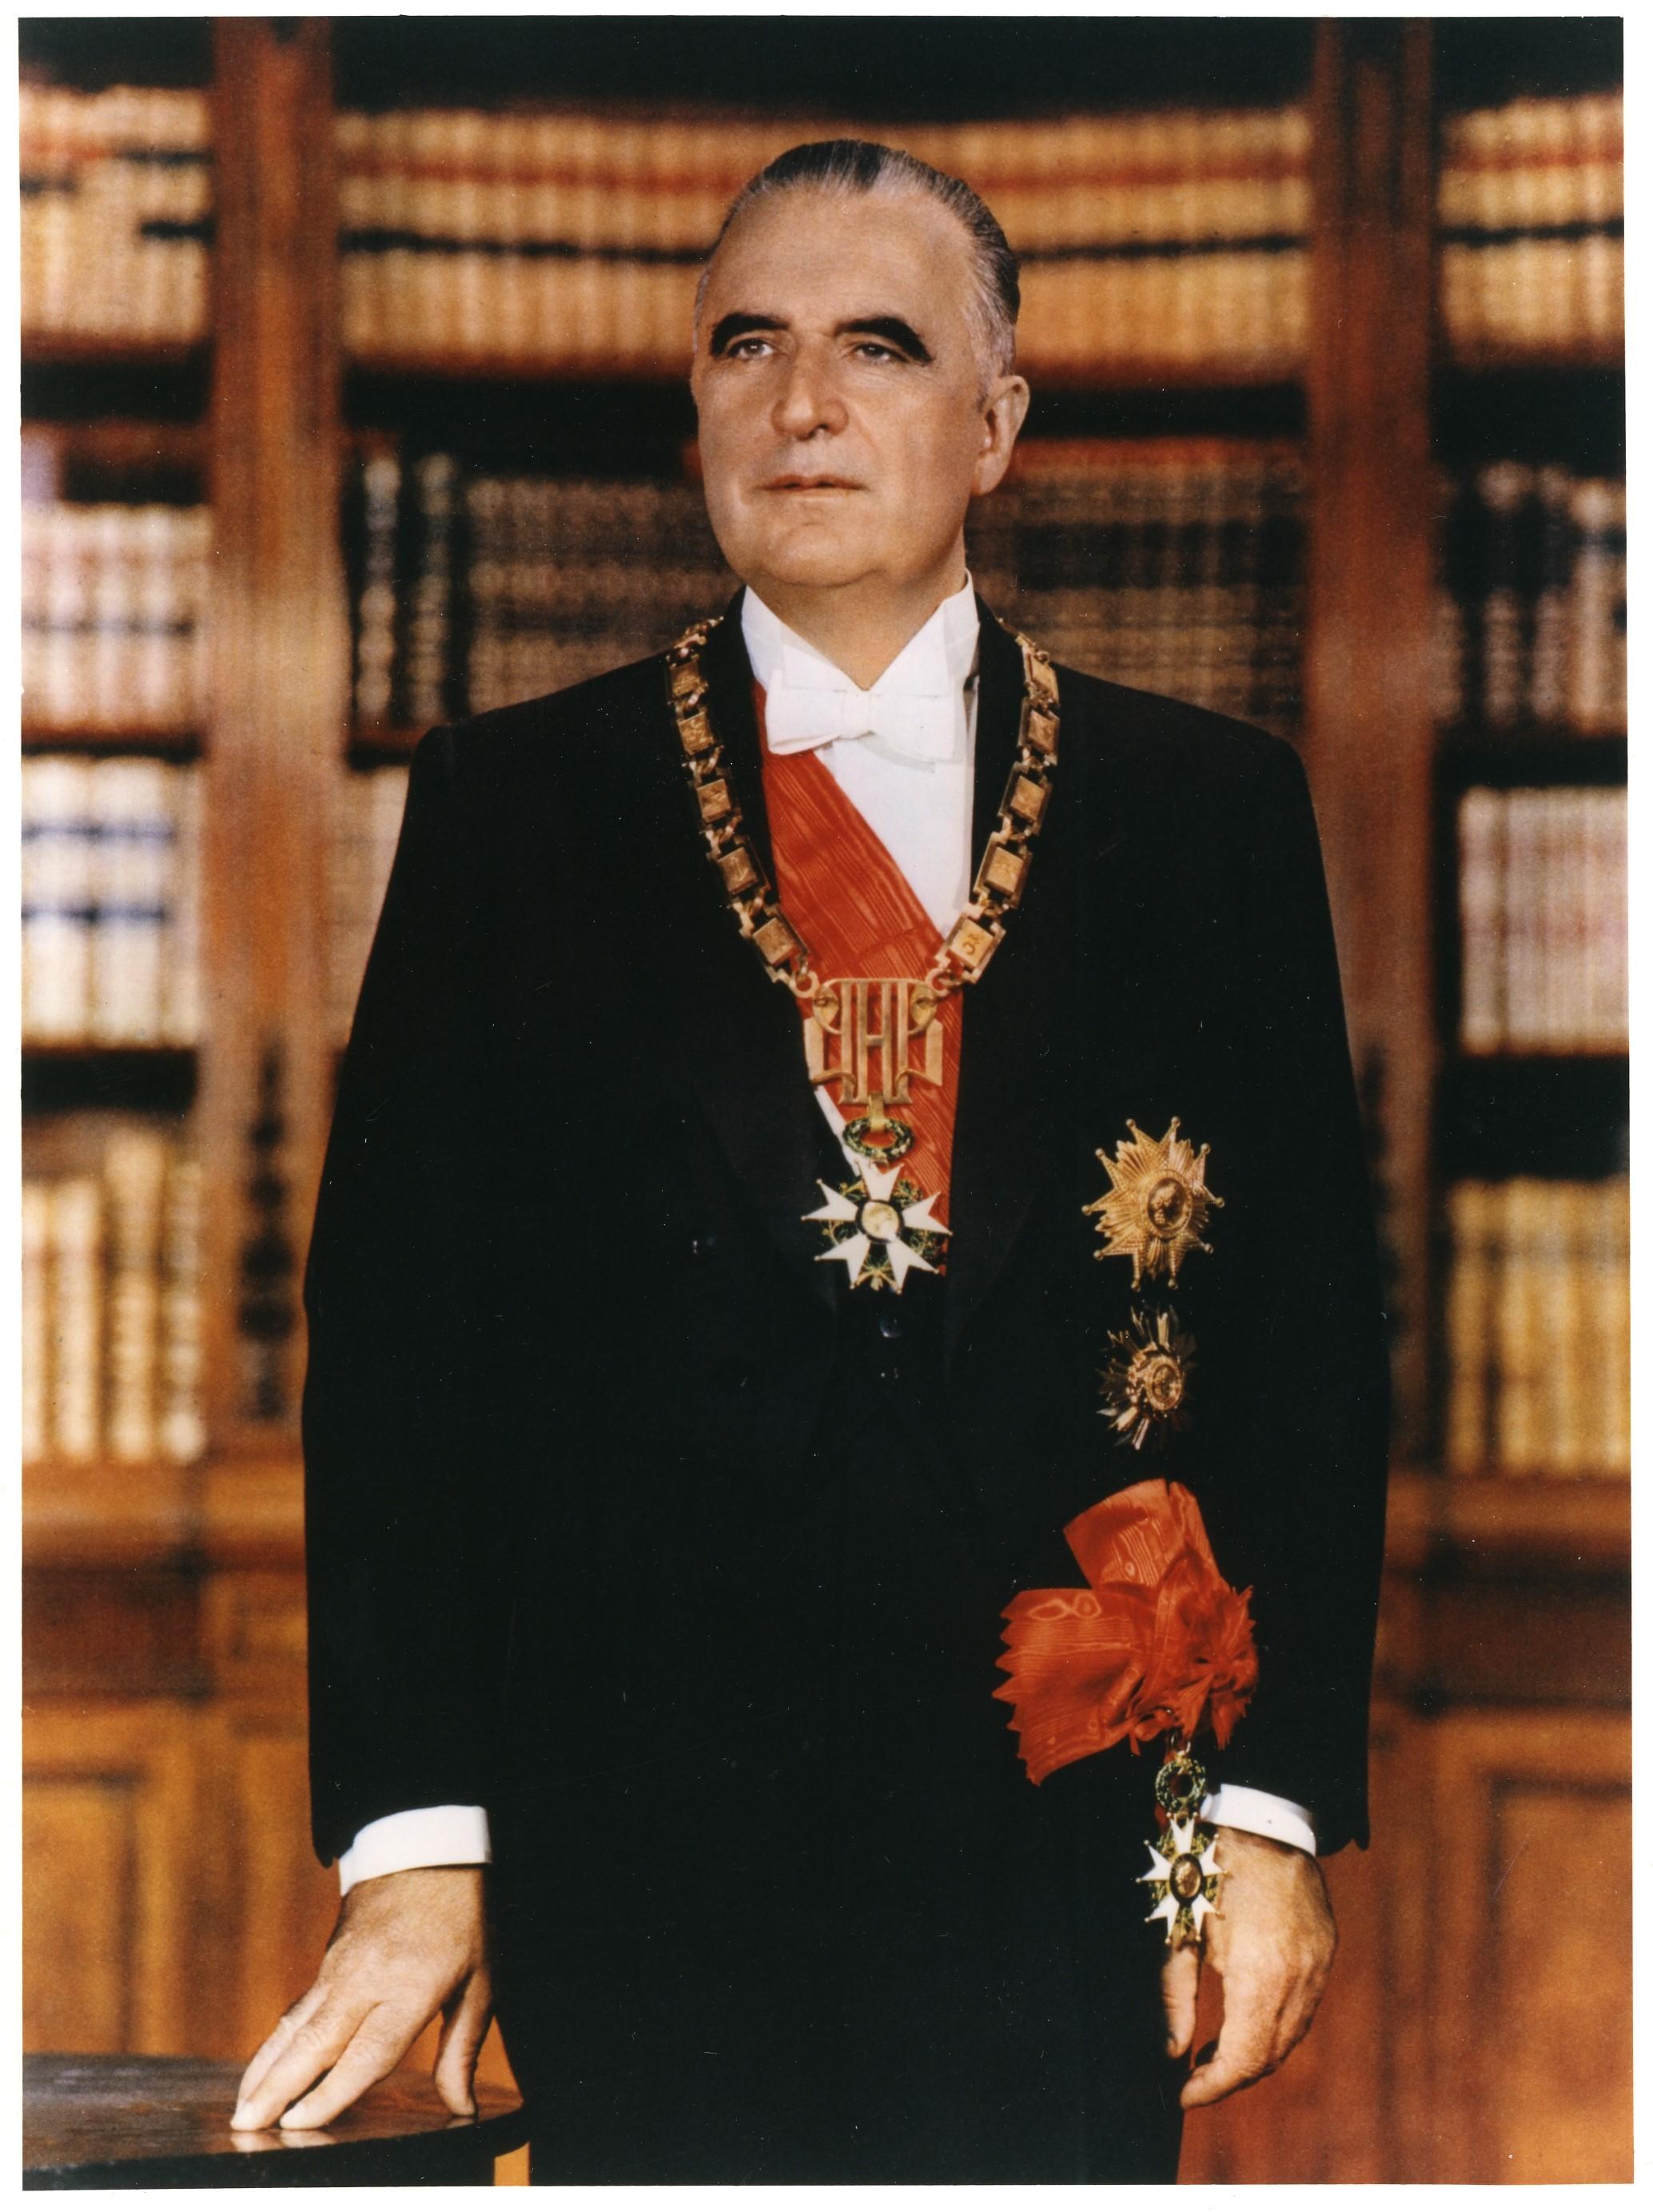 Photographie officielle du président Georges Pompidou